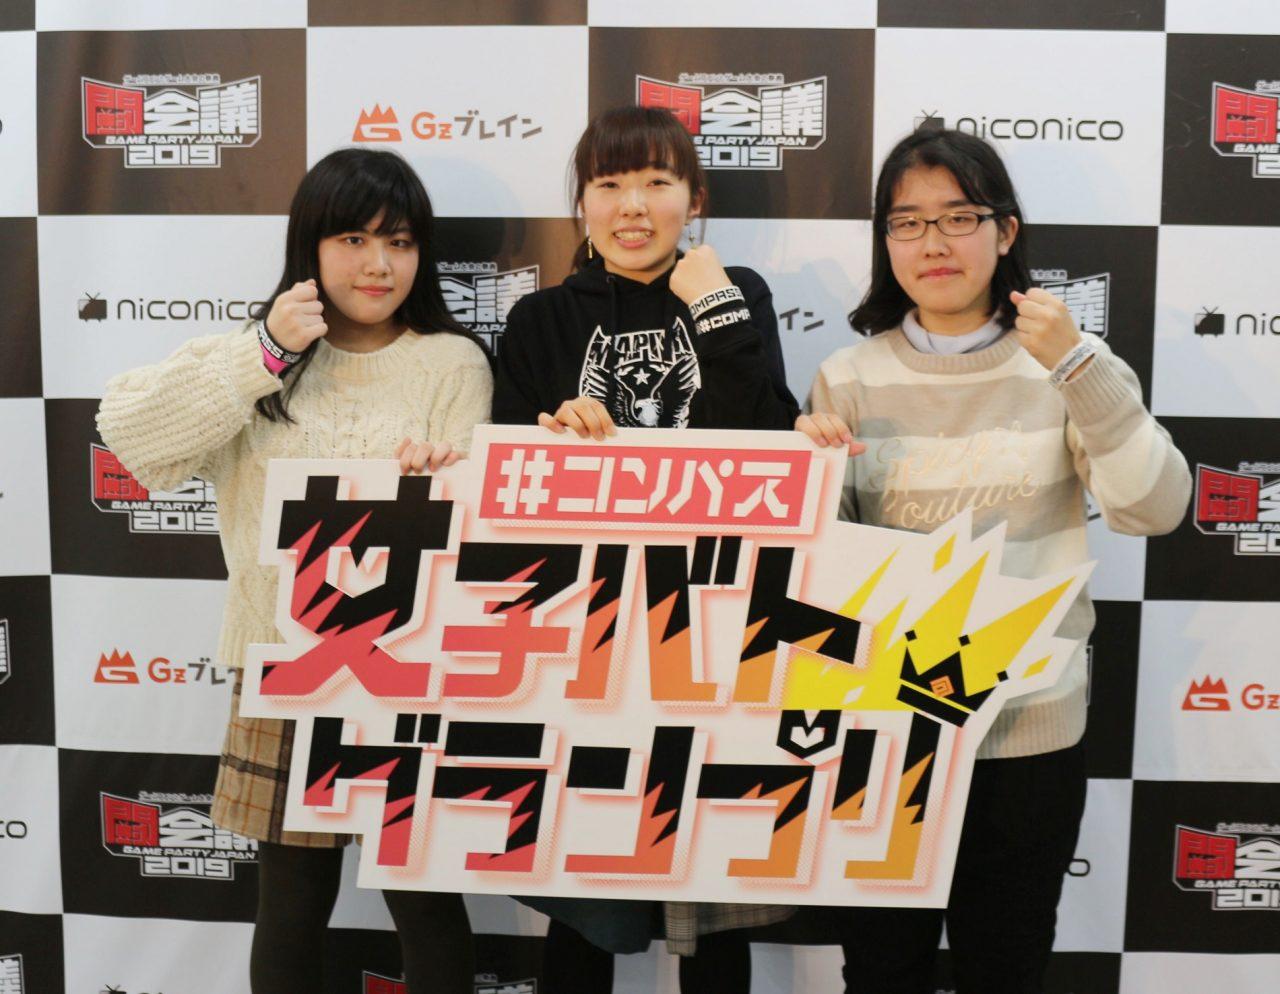 #コンパス【闘会議2019】: 今回初開催!応募総数70チーム超えの「女子バトグランプリ」レポート